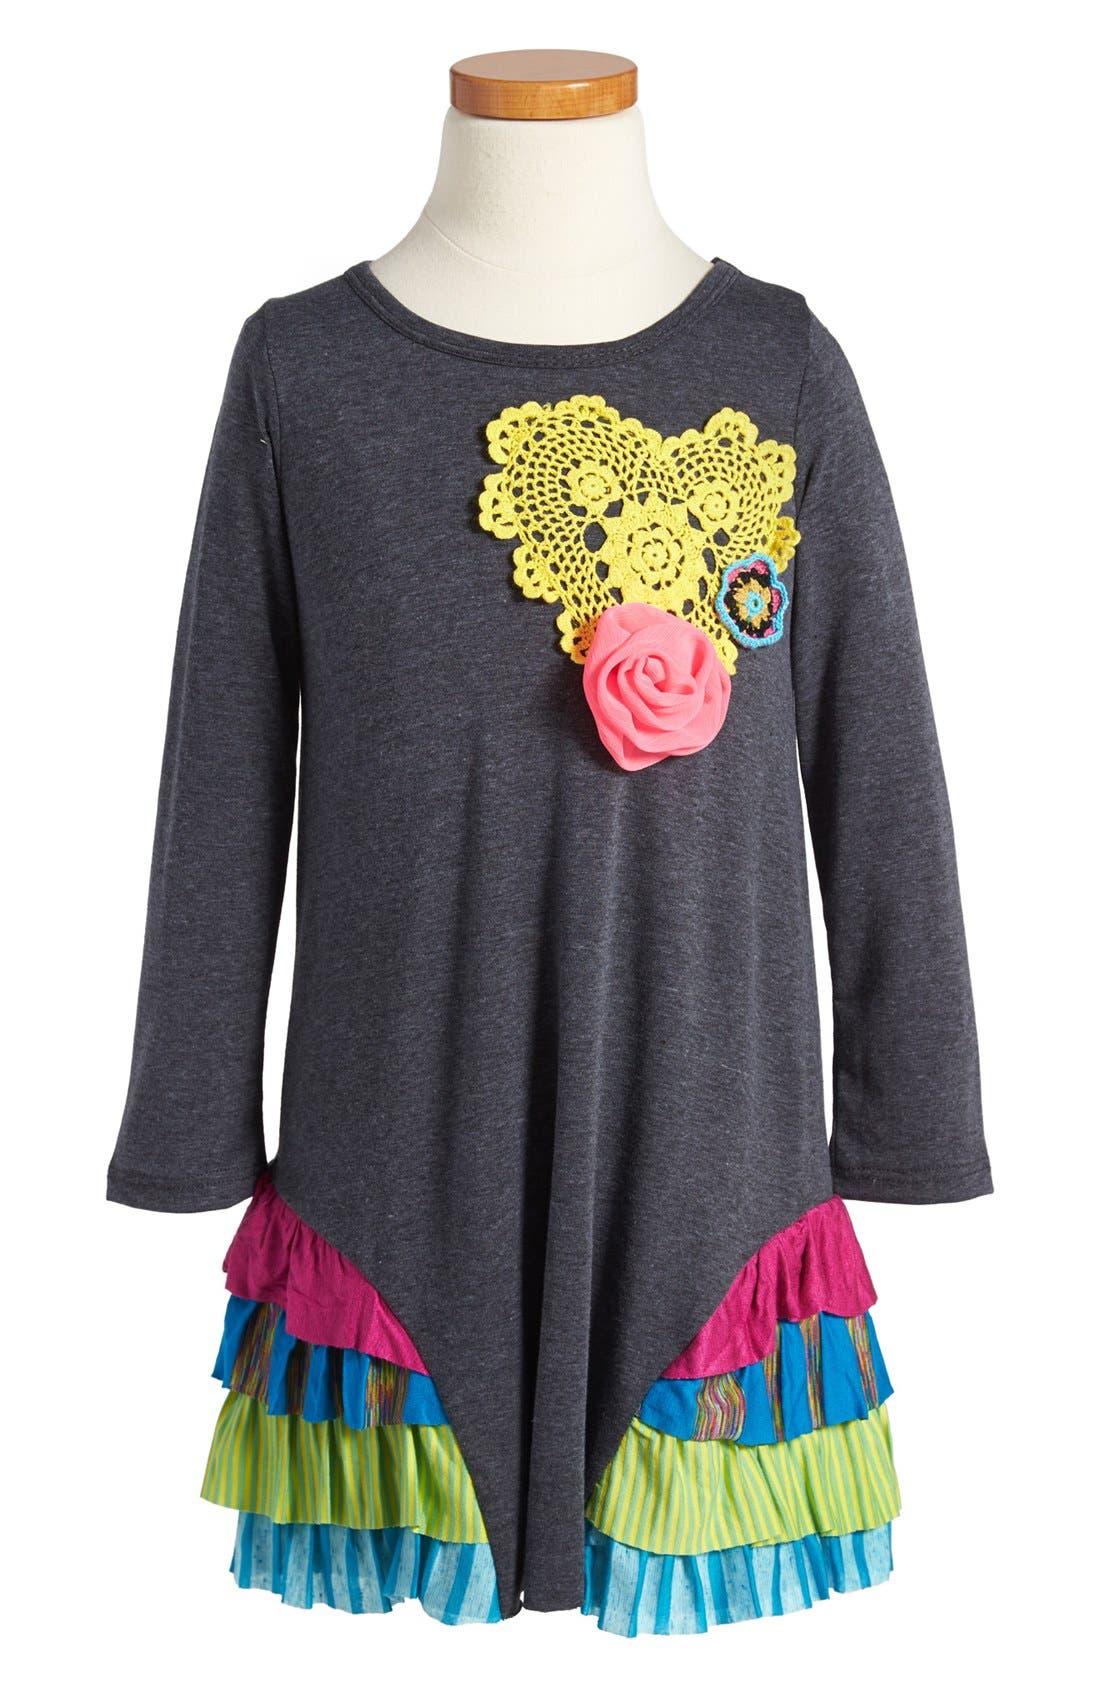 Main Image - Twirls & Twigs Knit Ruffle Dress (Little Girls & Big Girls)